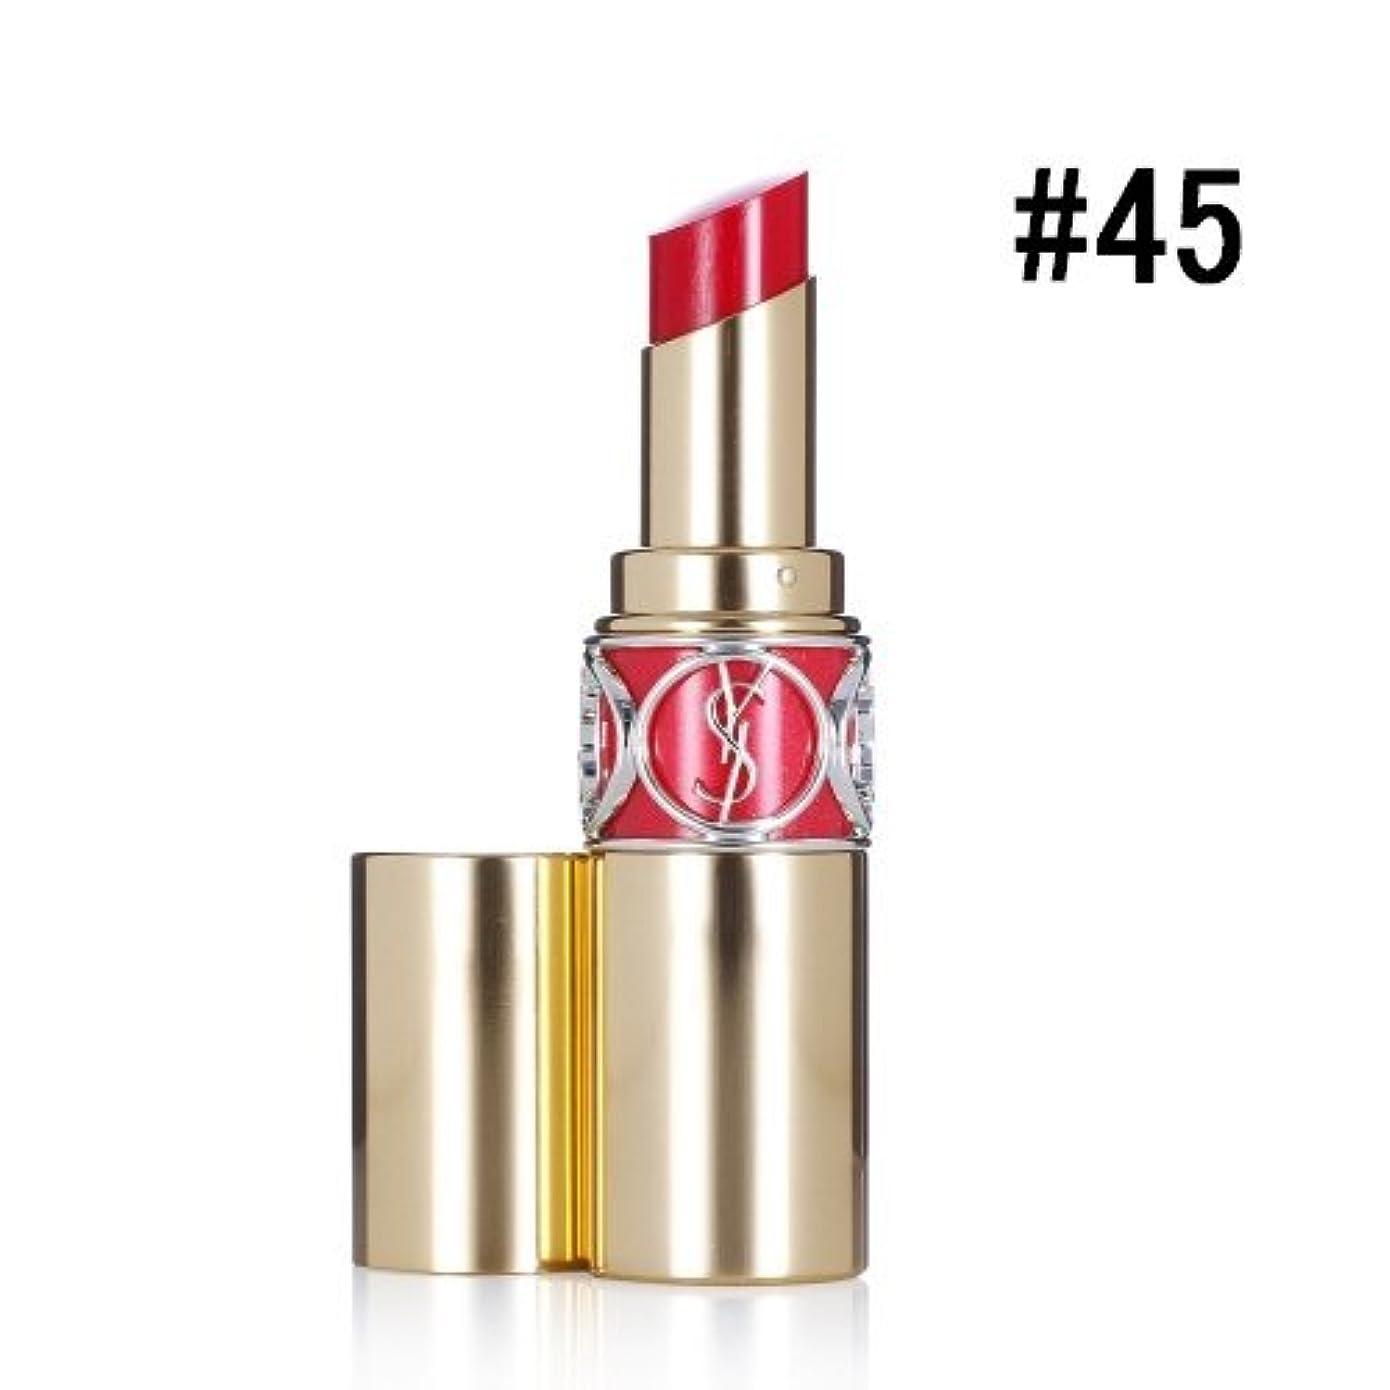 修正する潜むジュニアイヴサンローラン(Yves Saint Laurent) ルージュ ヴォリュプテ シャイン #45 ROUGE TUXEDO 4.5g[並行輸入品]